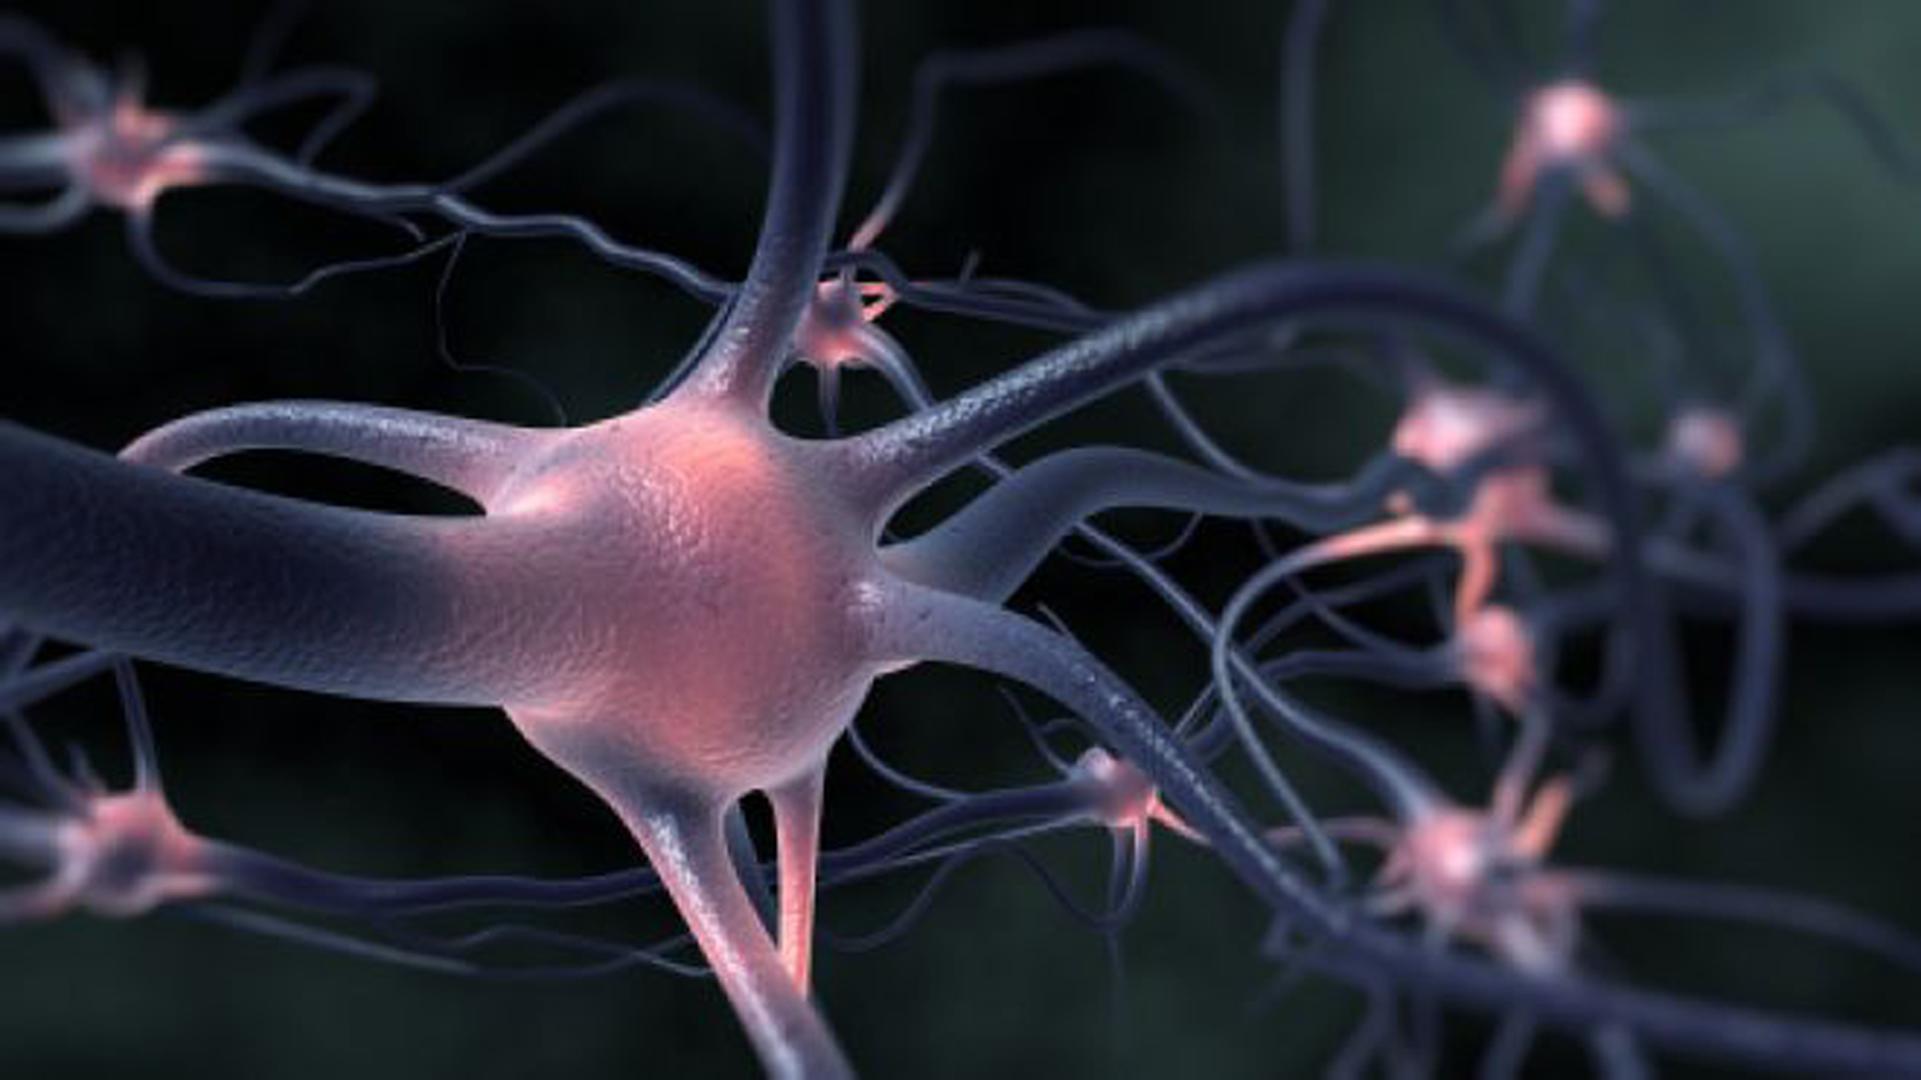 Диагностические  особенности   моторно-сенсорной  невропатии  Шарко-Мари   наследственного  генеза